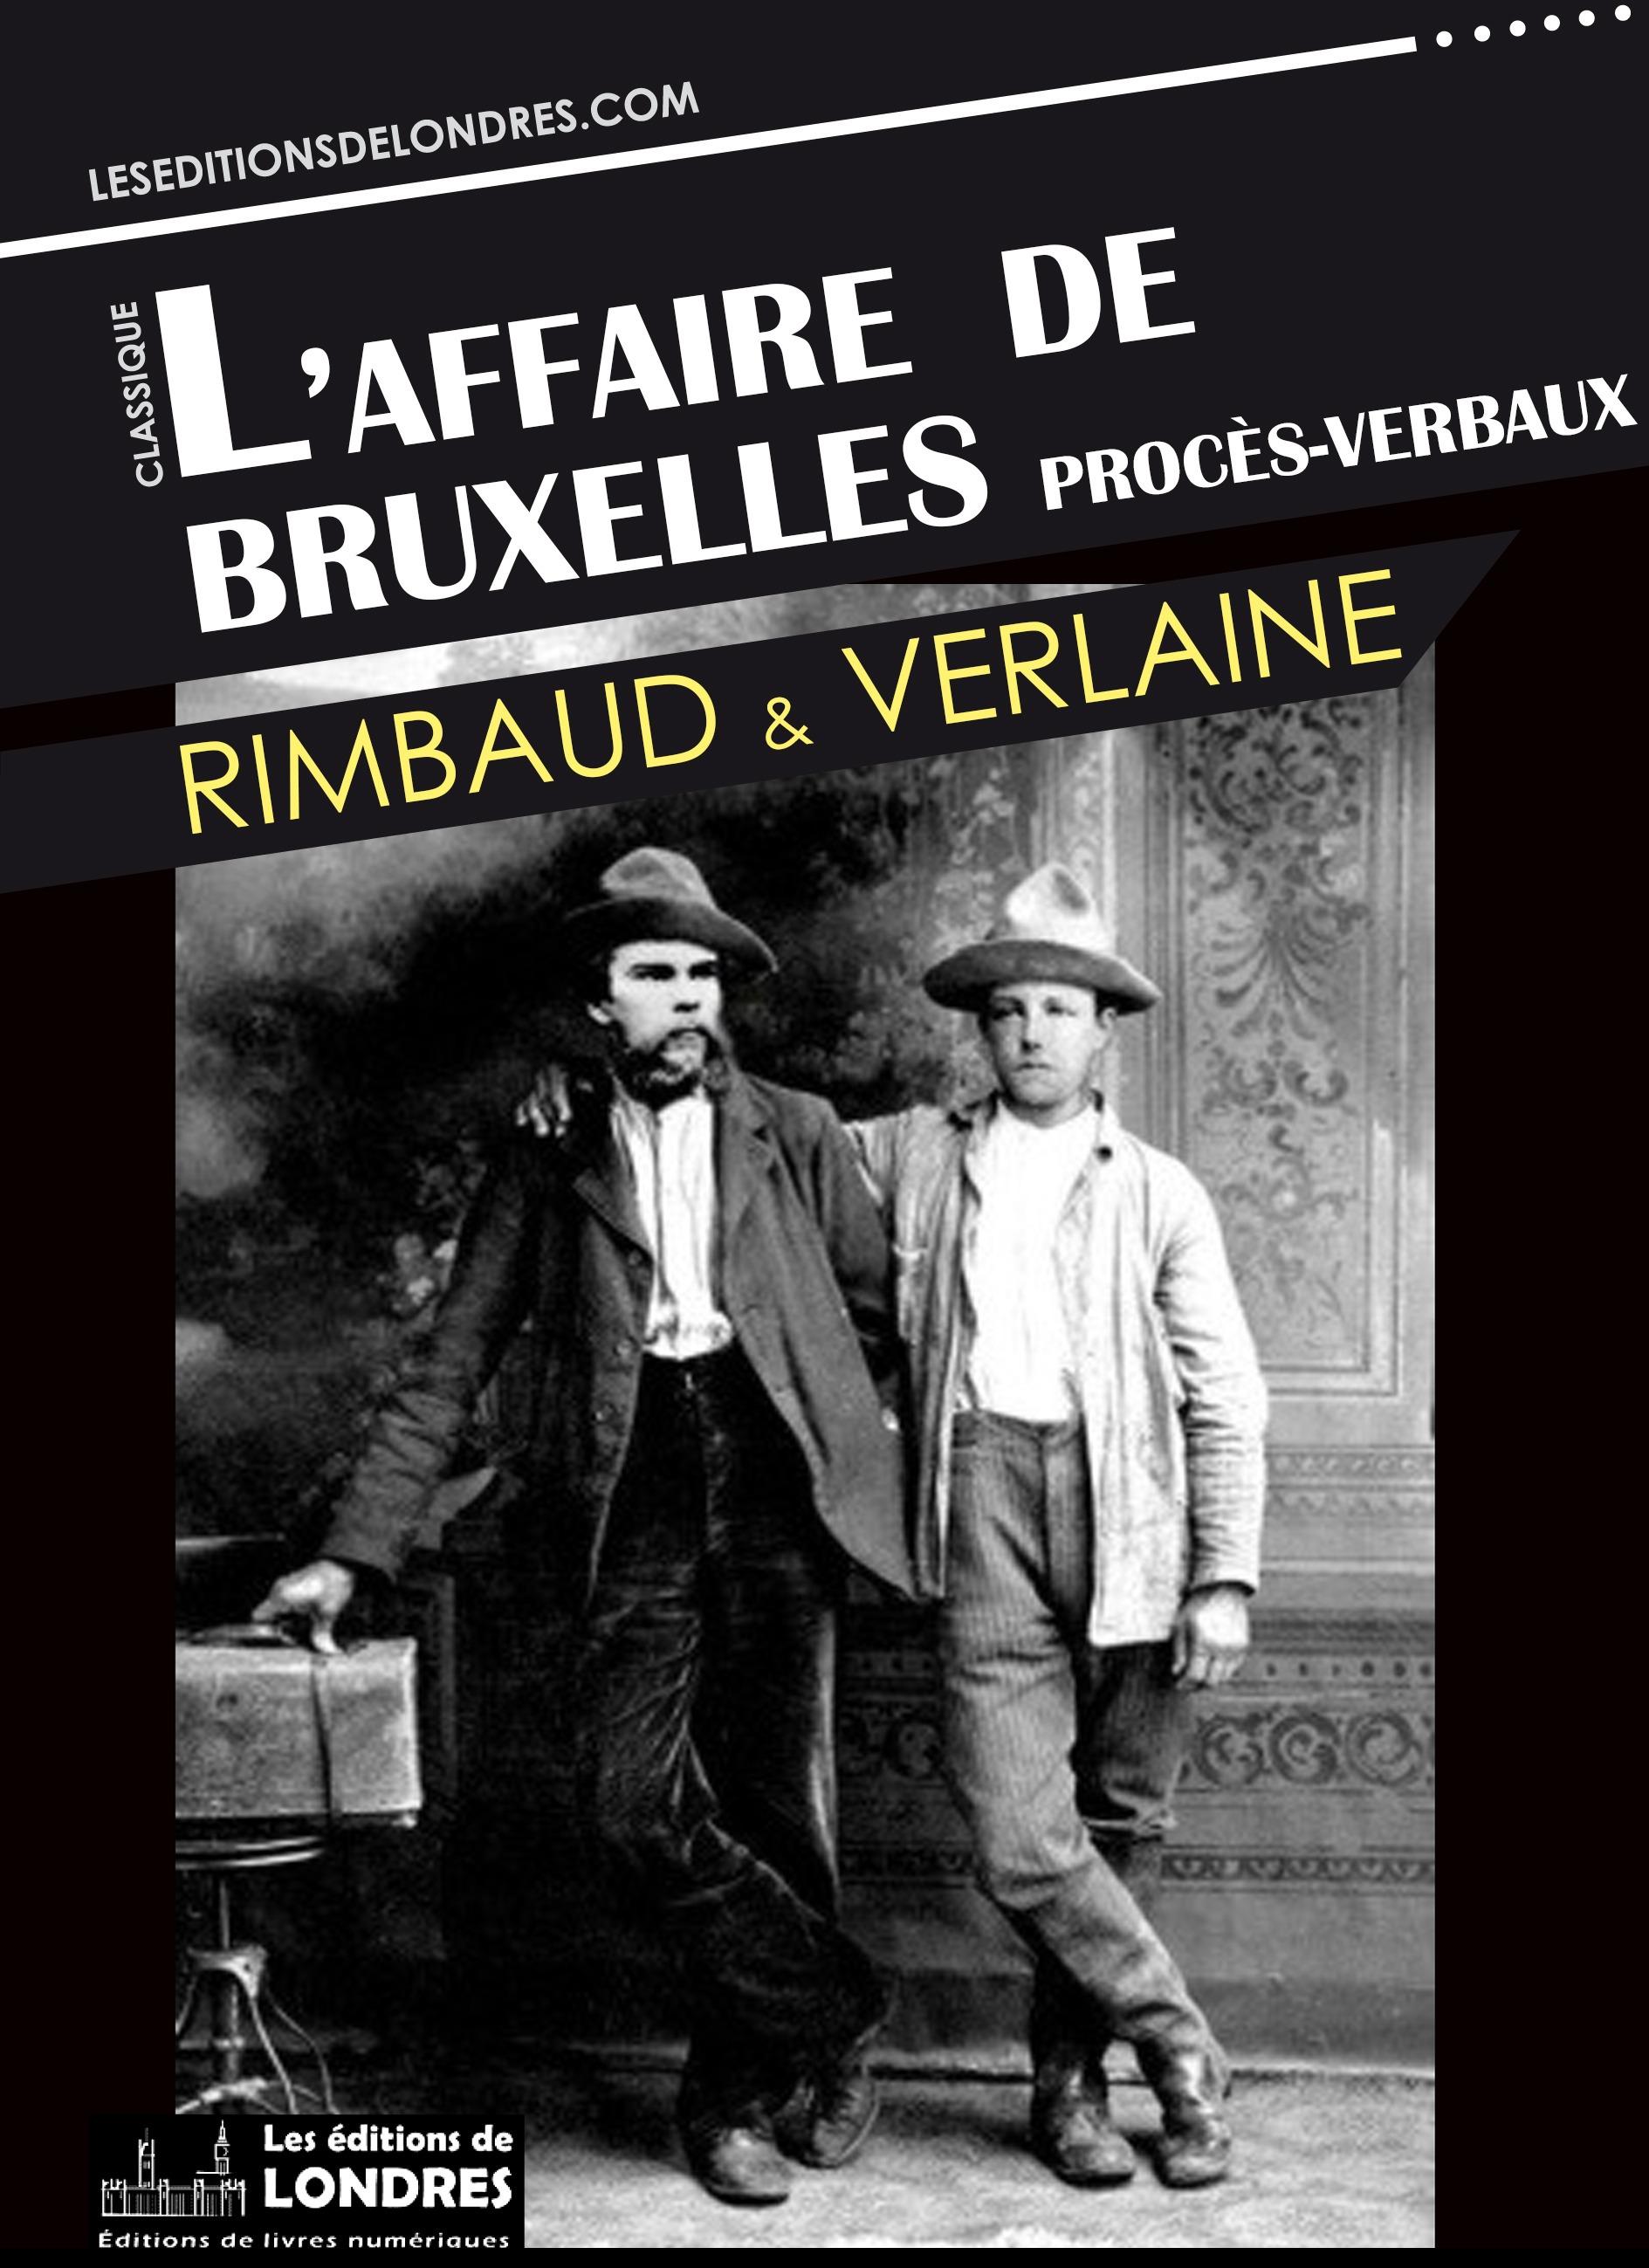 L'affaire de Bruxelles - Procès-verbaux